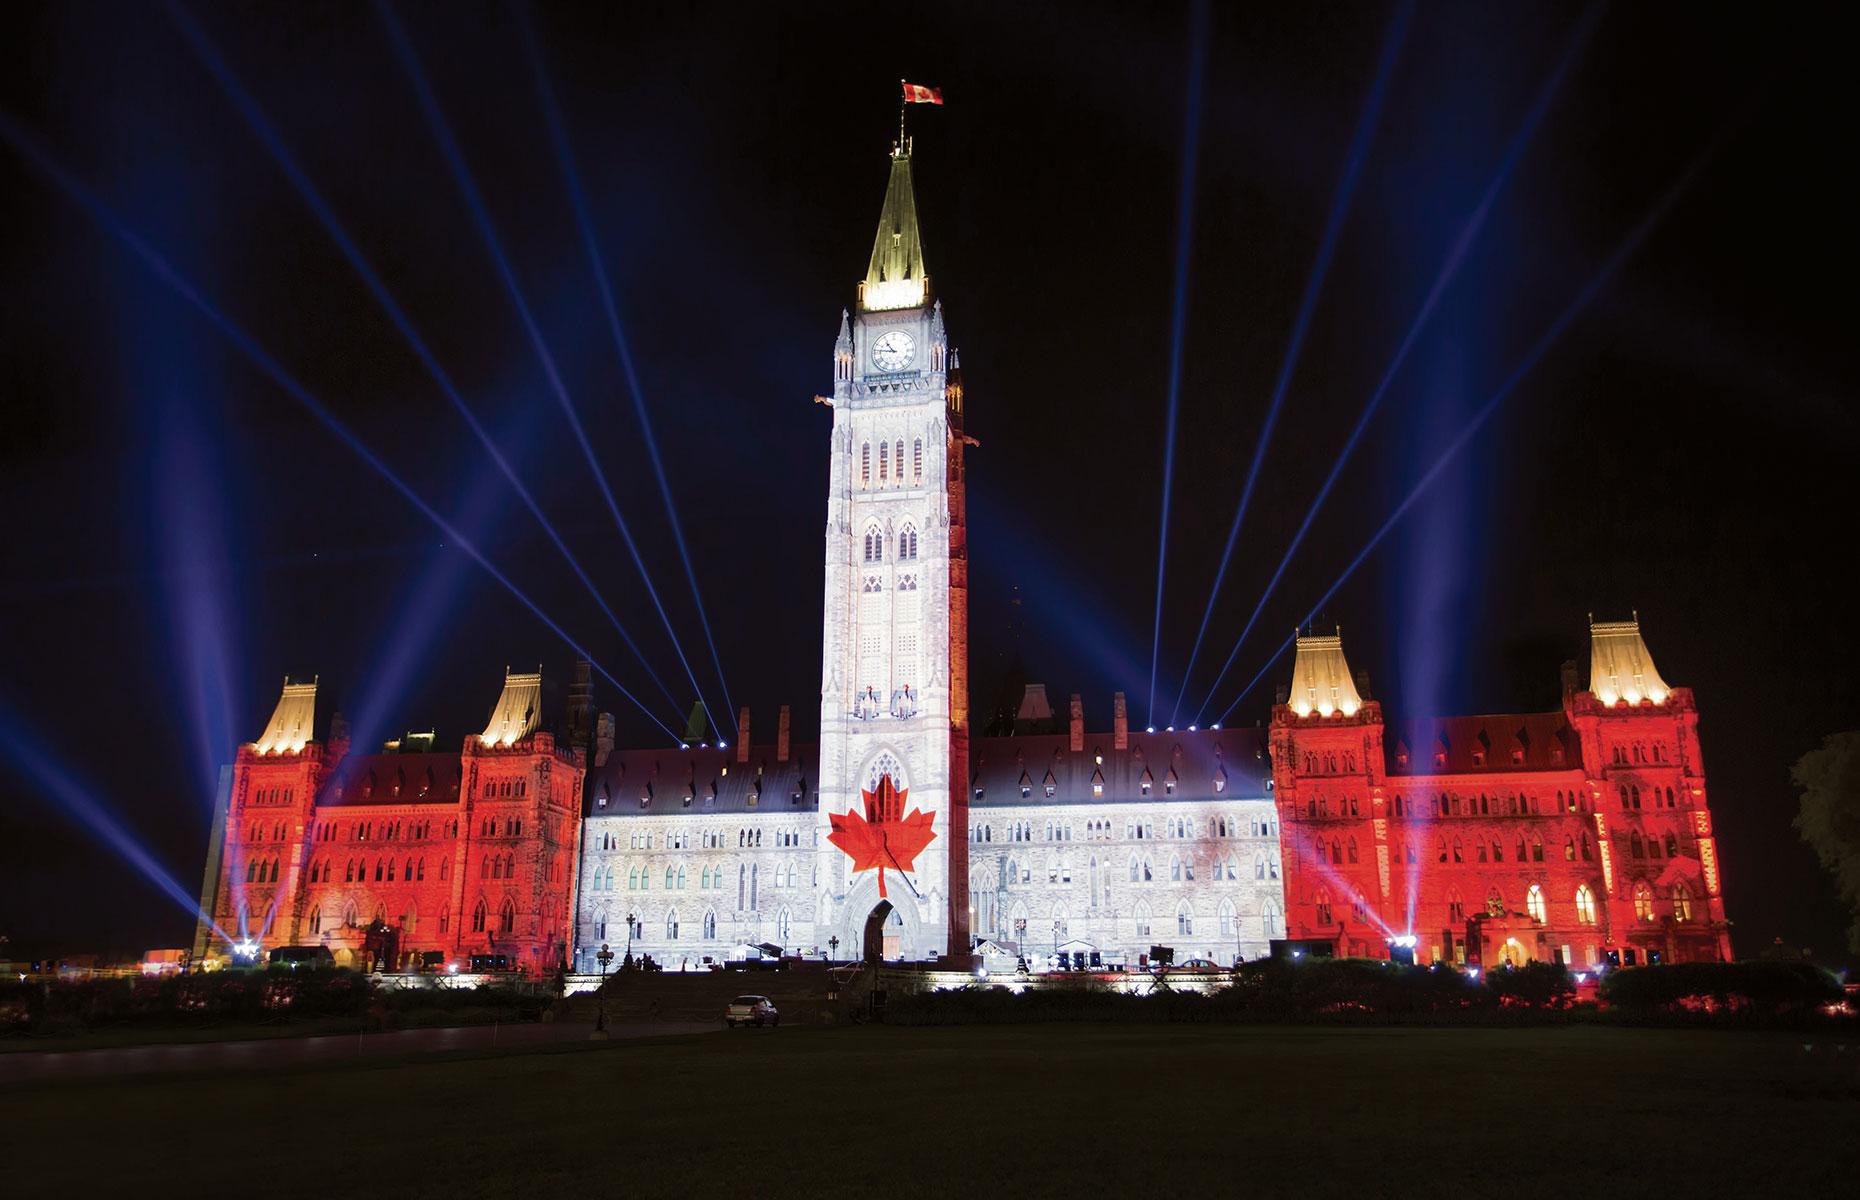 Parliament, Ottawa, Ontario (Image: Courtesy of Ottawa Tourism)